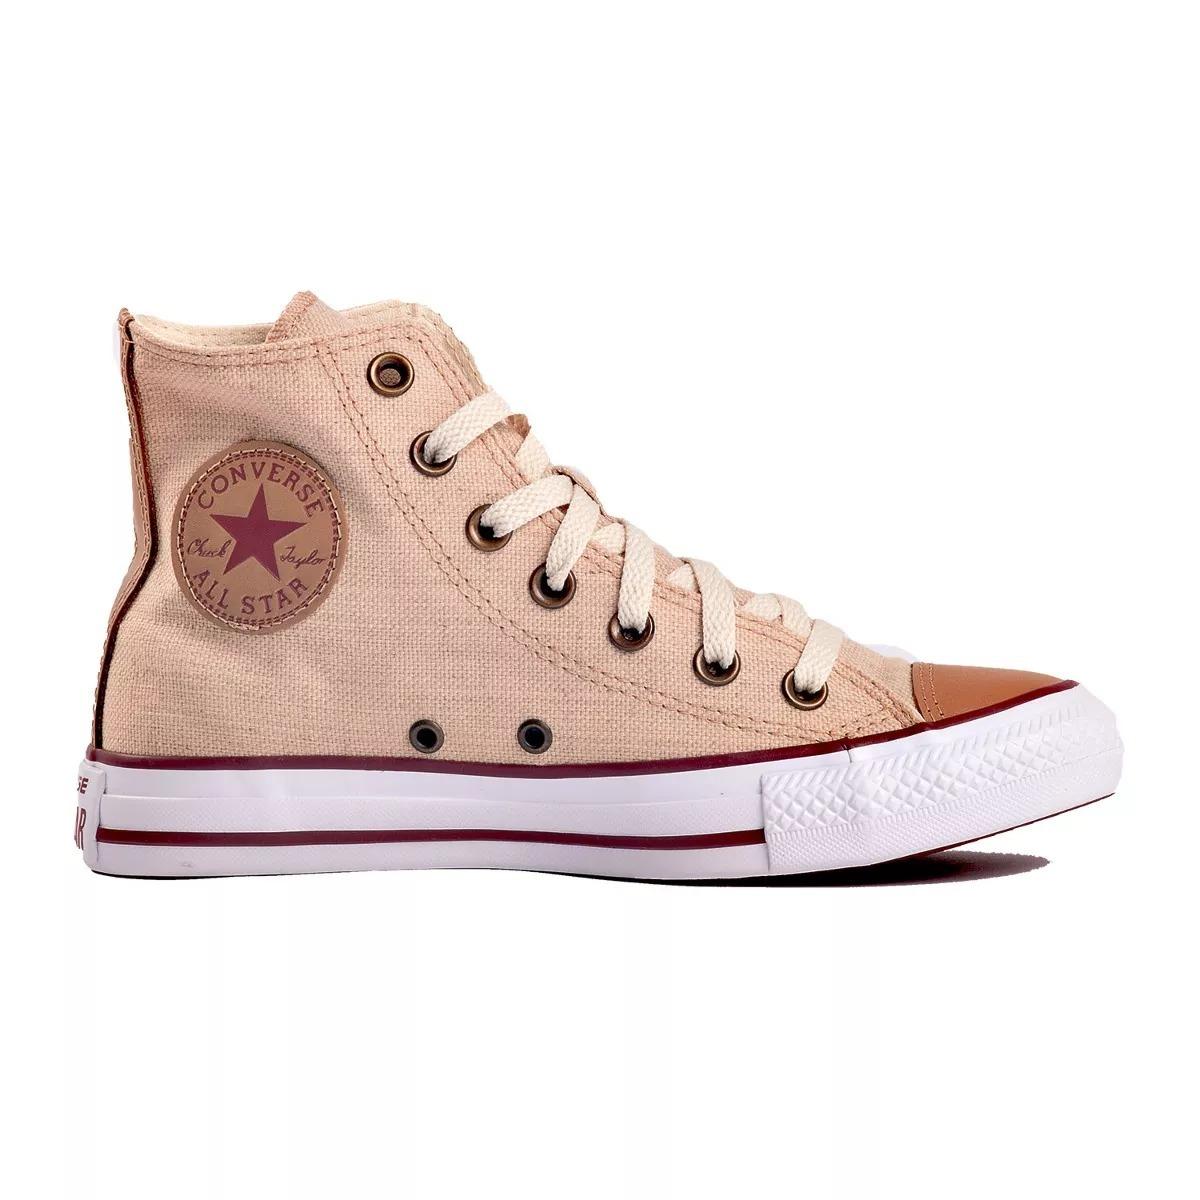 46d2d239ffc zapatillas converse chuck taylor all star linen - natural. Cargando zoom.